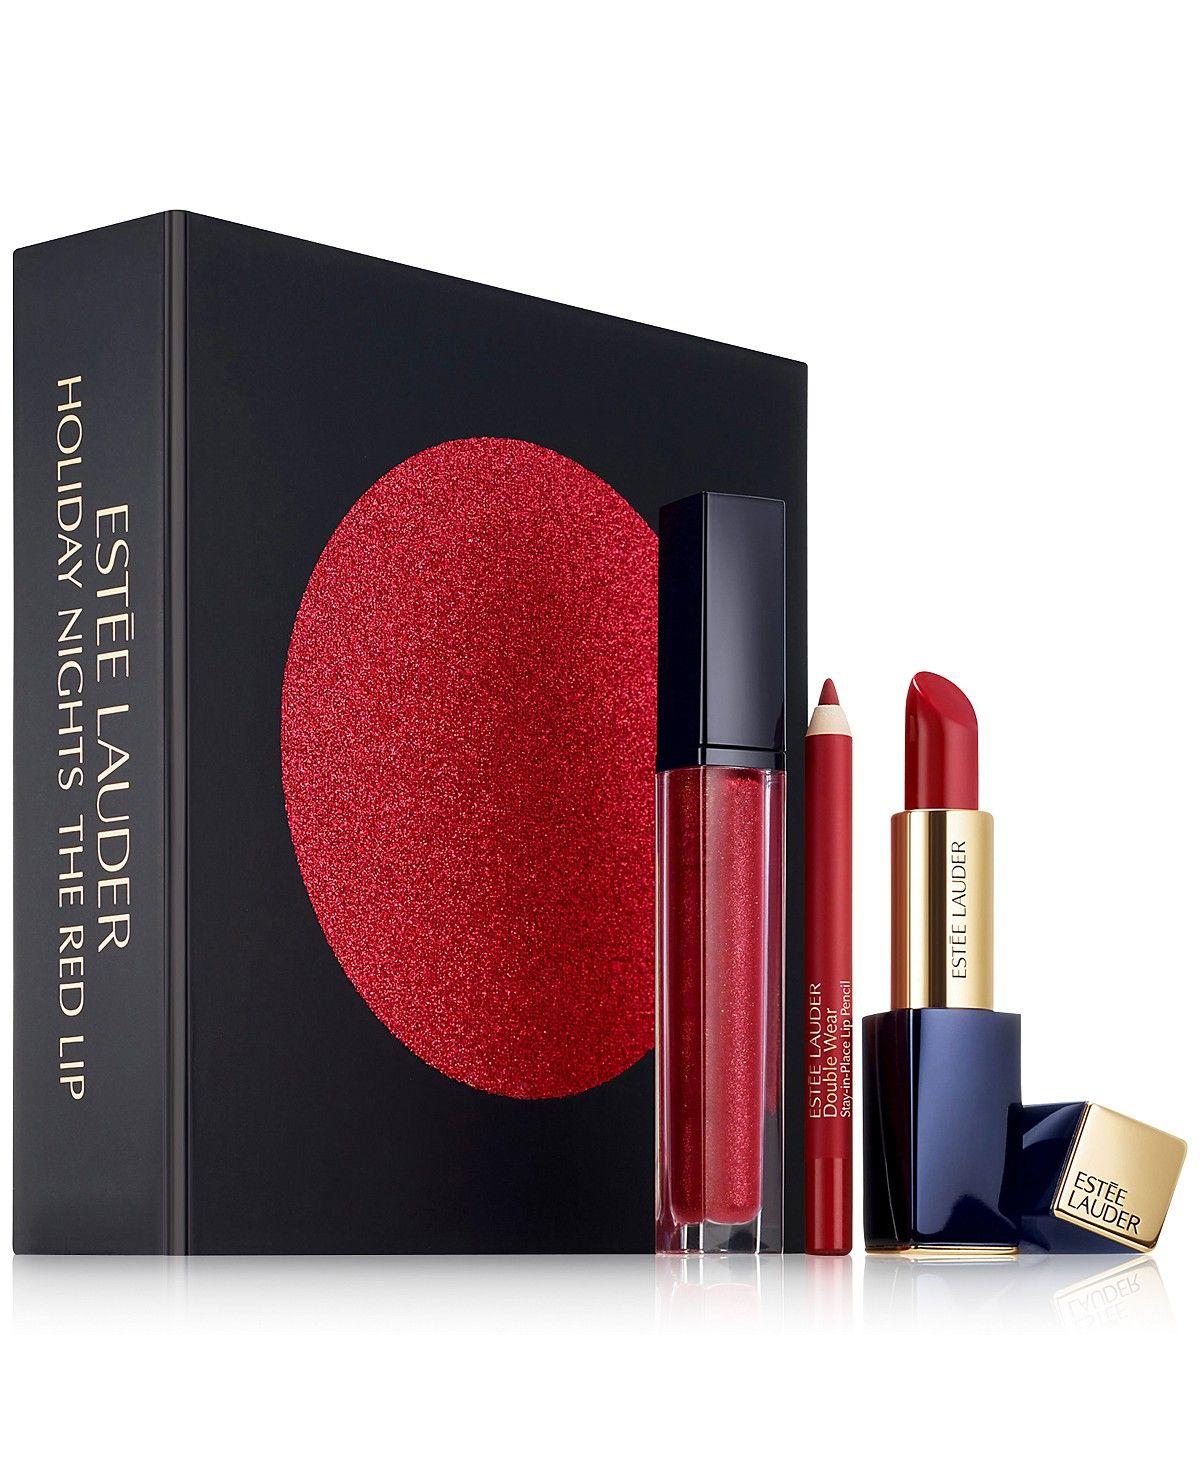 Estée Lauder 3Pc. The Red Lip Gift Set Makeup Beauty